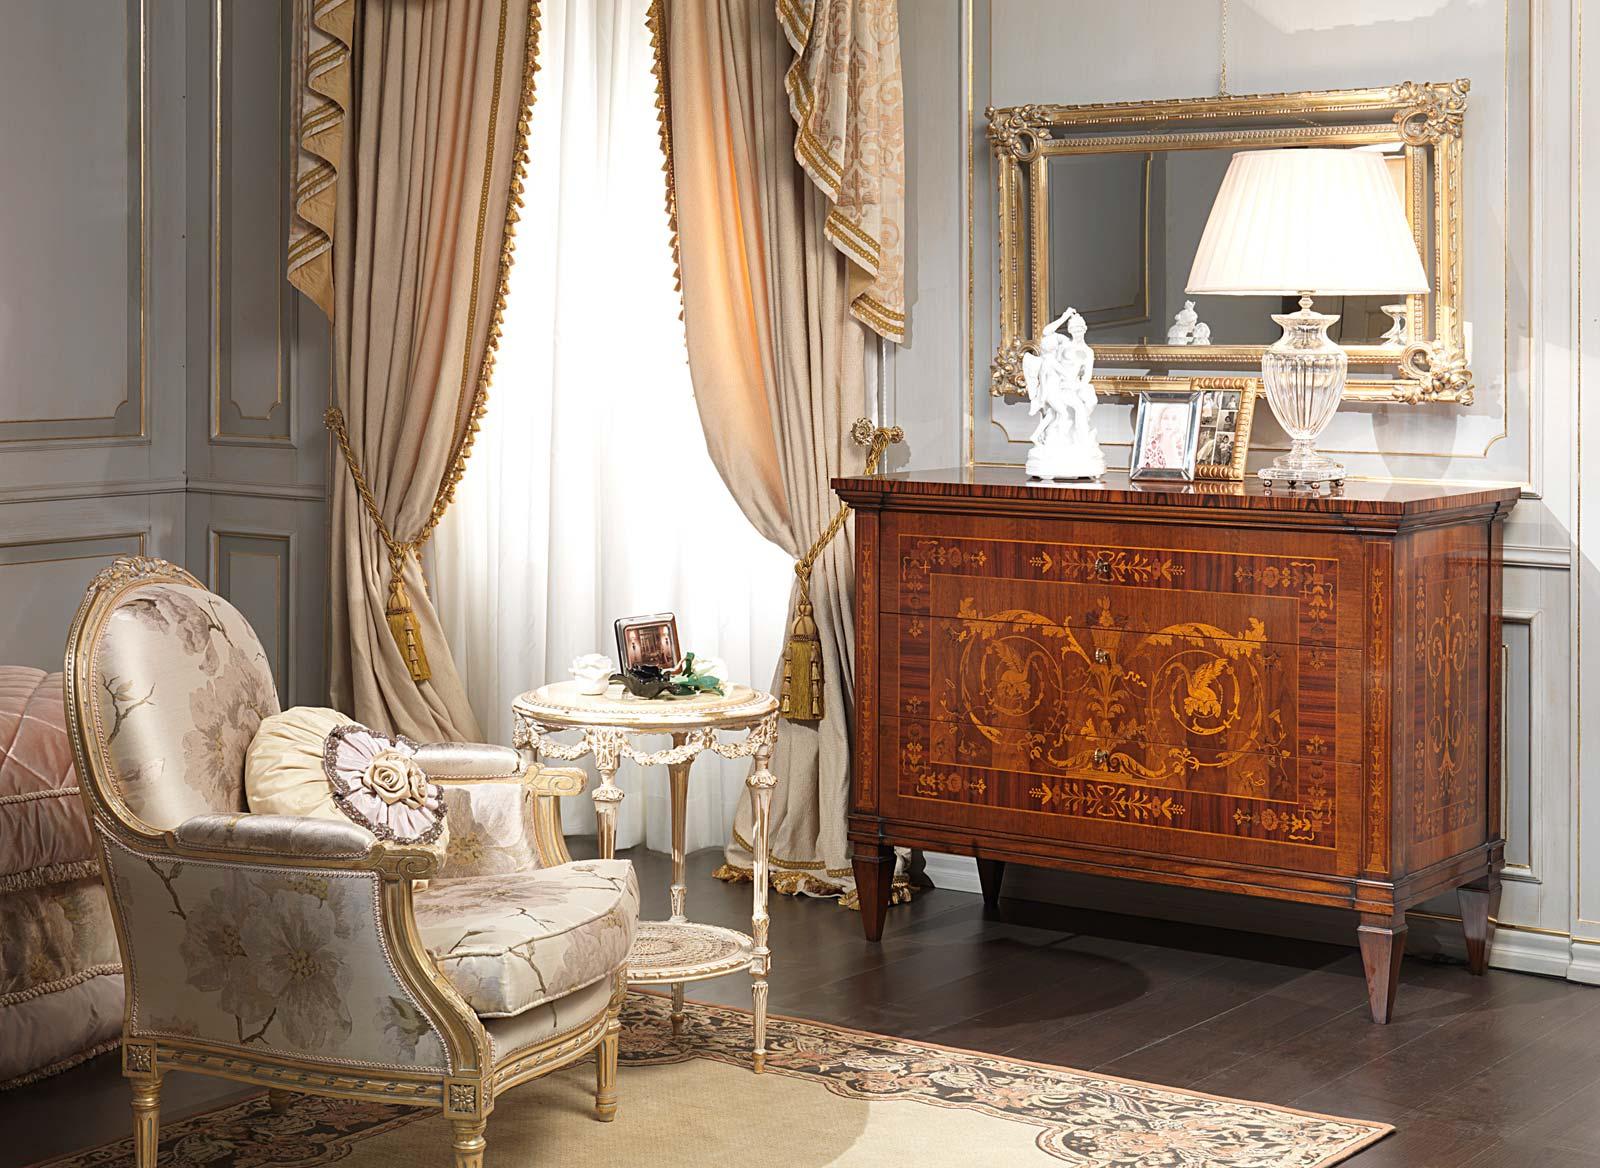 Camera da letto classica i maggiolini com specchiera - Camera da letto classica ...